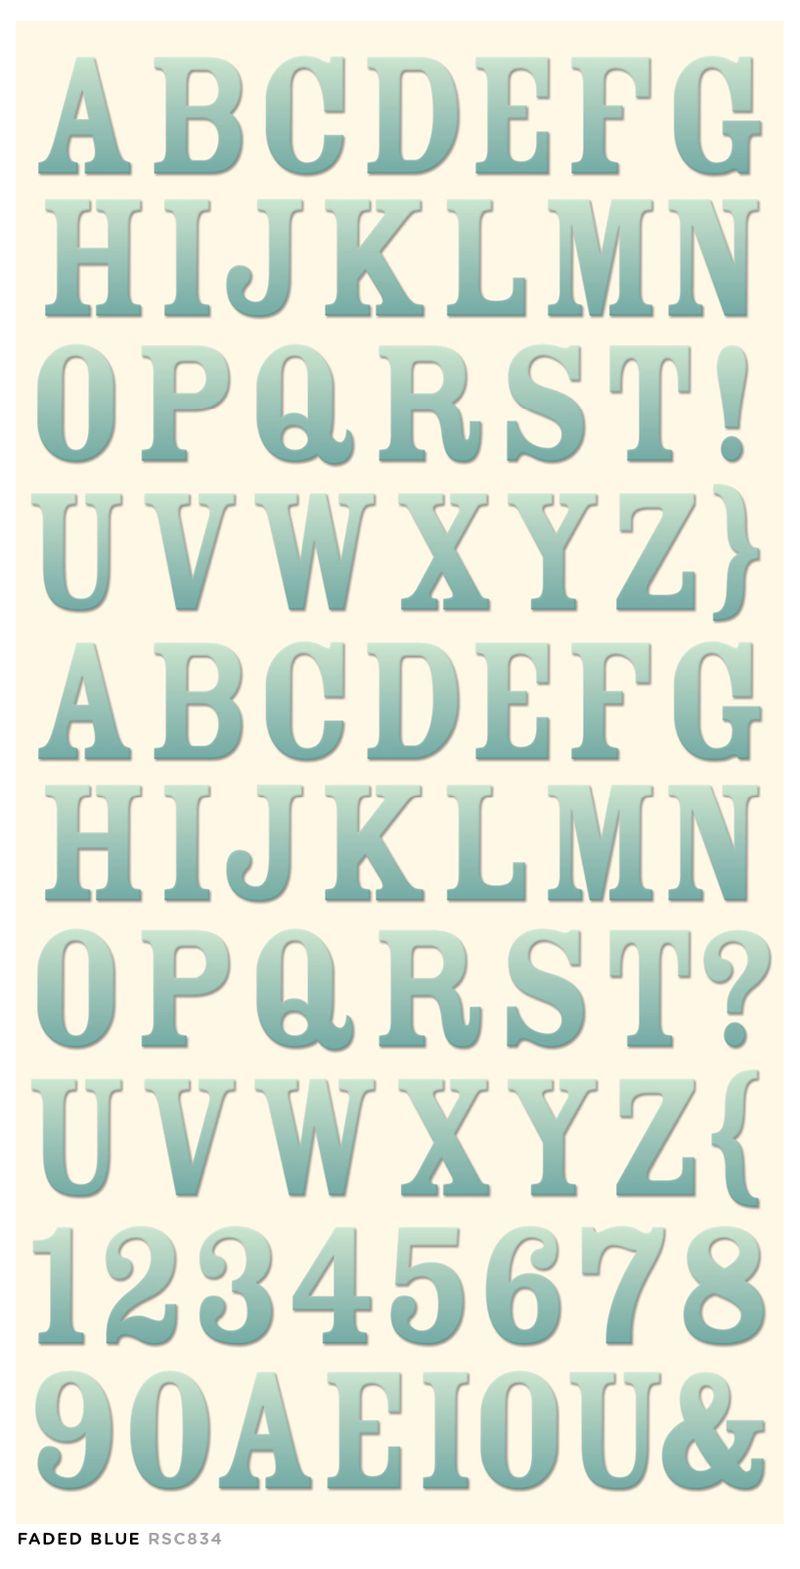 Rsc_letters4